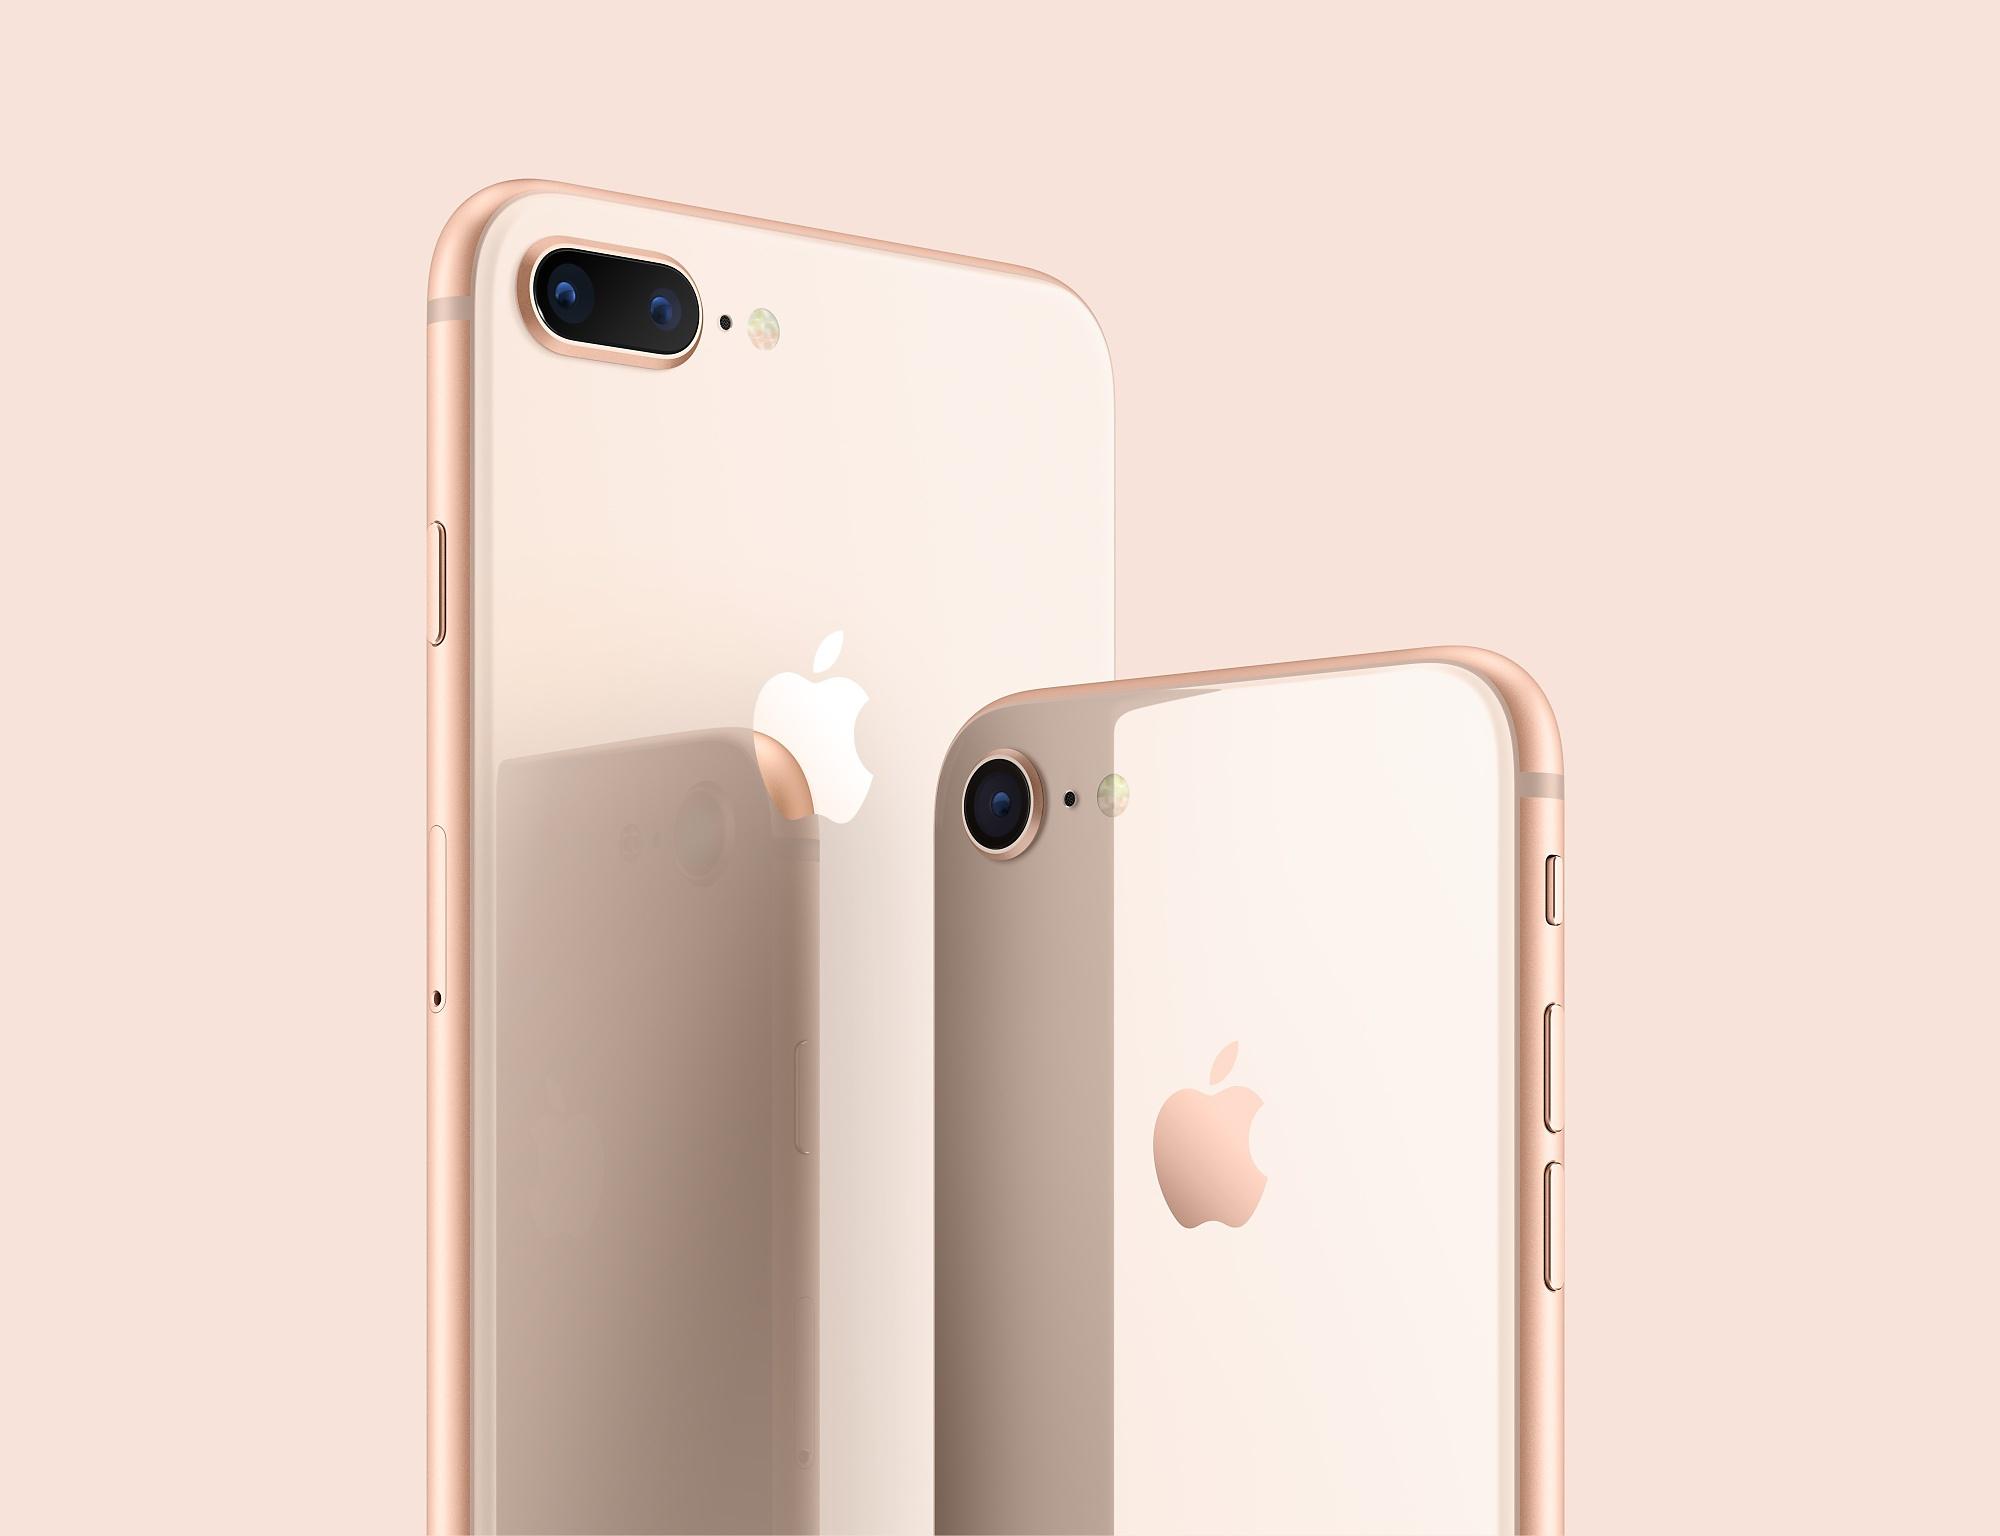 iphone 8 iphone 8 plus or - L'iPhone SE 2 serait aussi puissant qu'un iPhone 11 et prévu pour début 2020